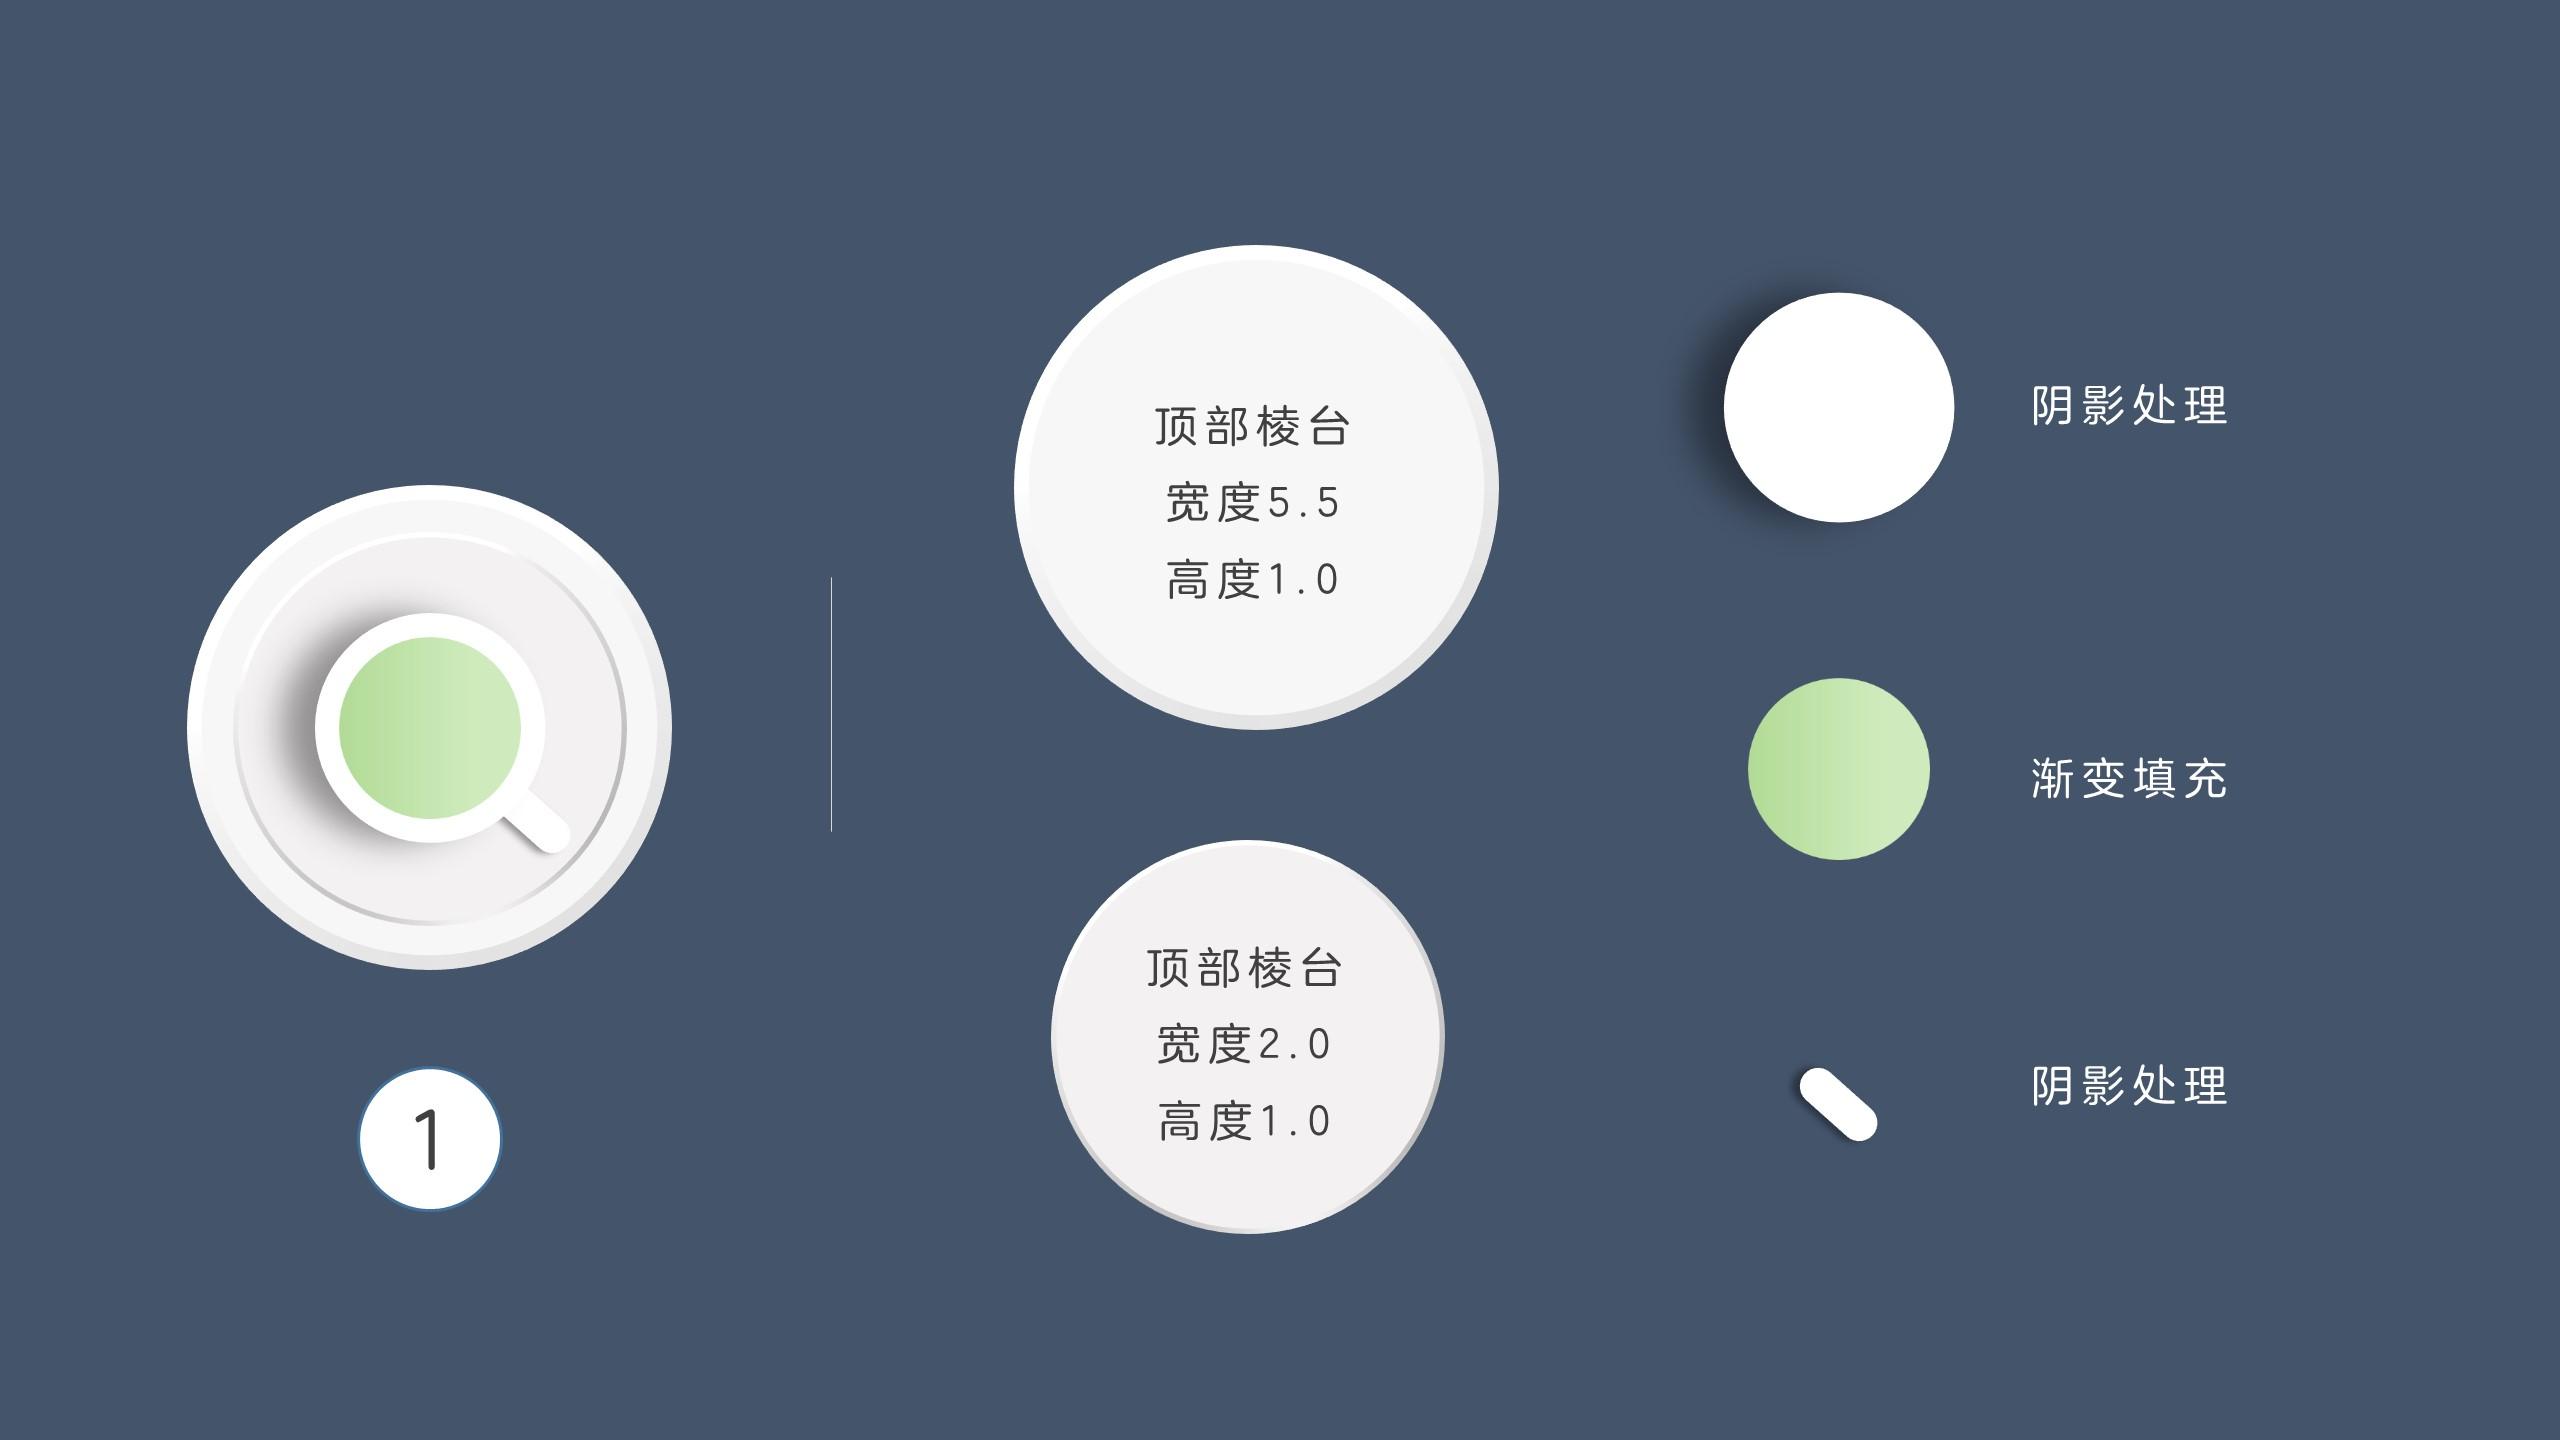 幻灯片中的立体感 君陵的PPT小院杂谈6